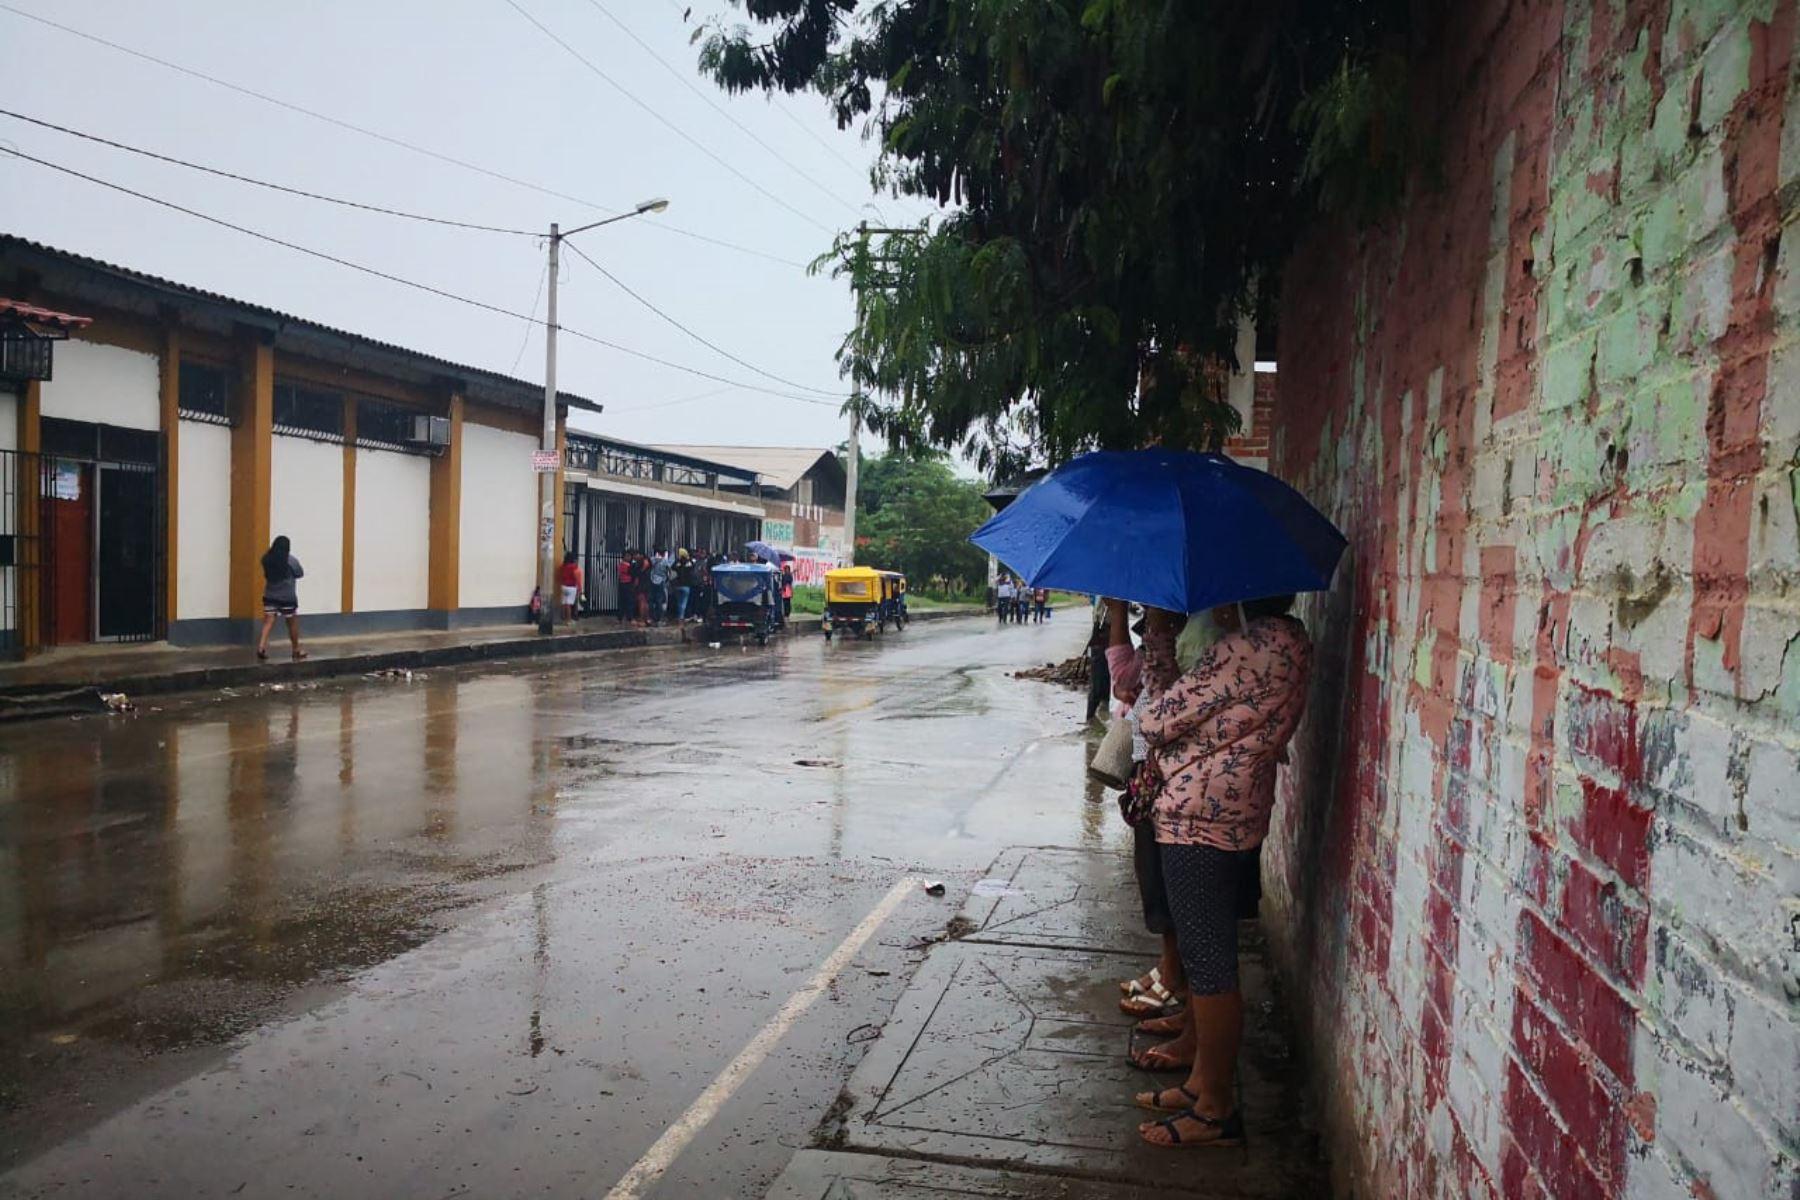 Los distritos de San Martín (San Martín) y San Jacinto (Tumbes) alcanzaron los mayores acumulados de lluvia a nivel nacional, al registrar cada uno 71 y 52.5 milímetros de agua por día en las estaciones Alao y Huasimo del Servicio Nacional de Meteorología e Hidrología (Senamhi). ANDINA